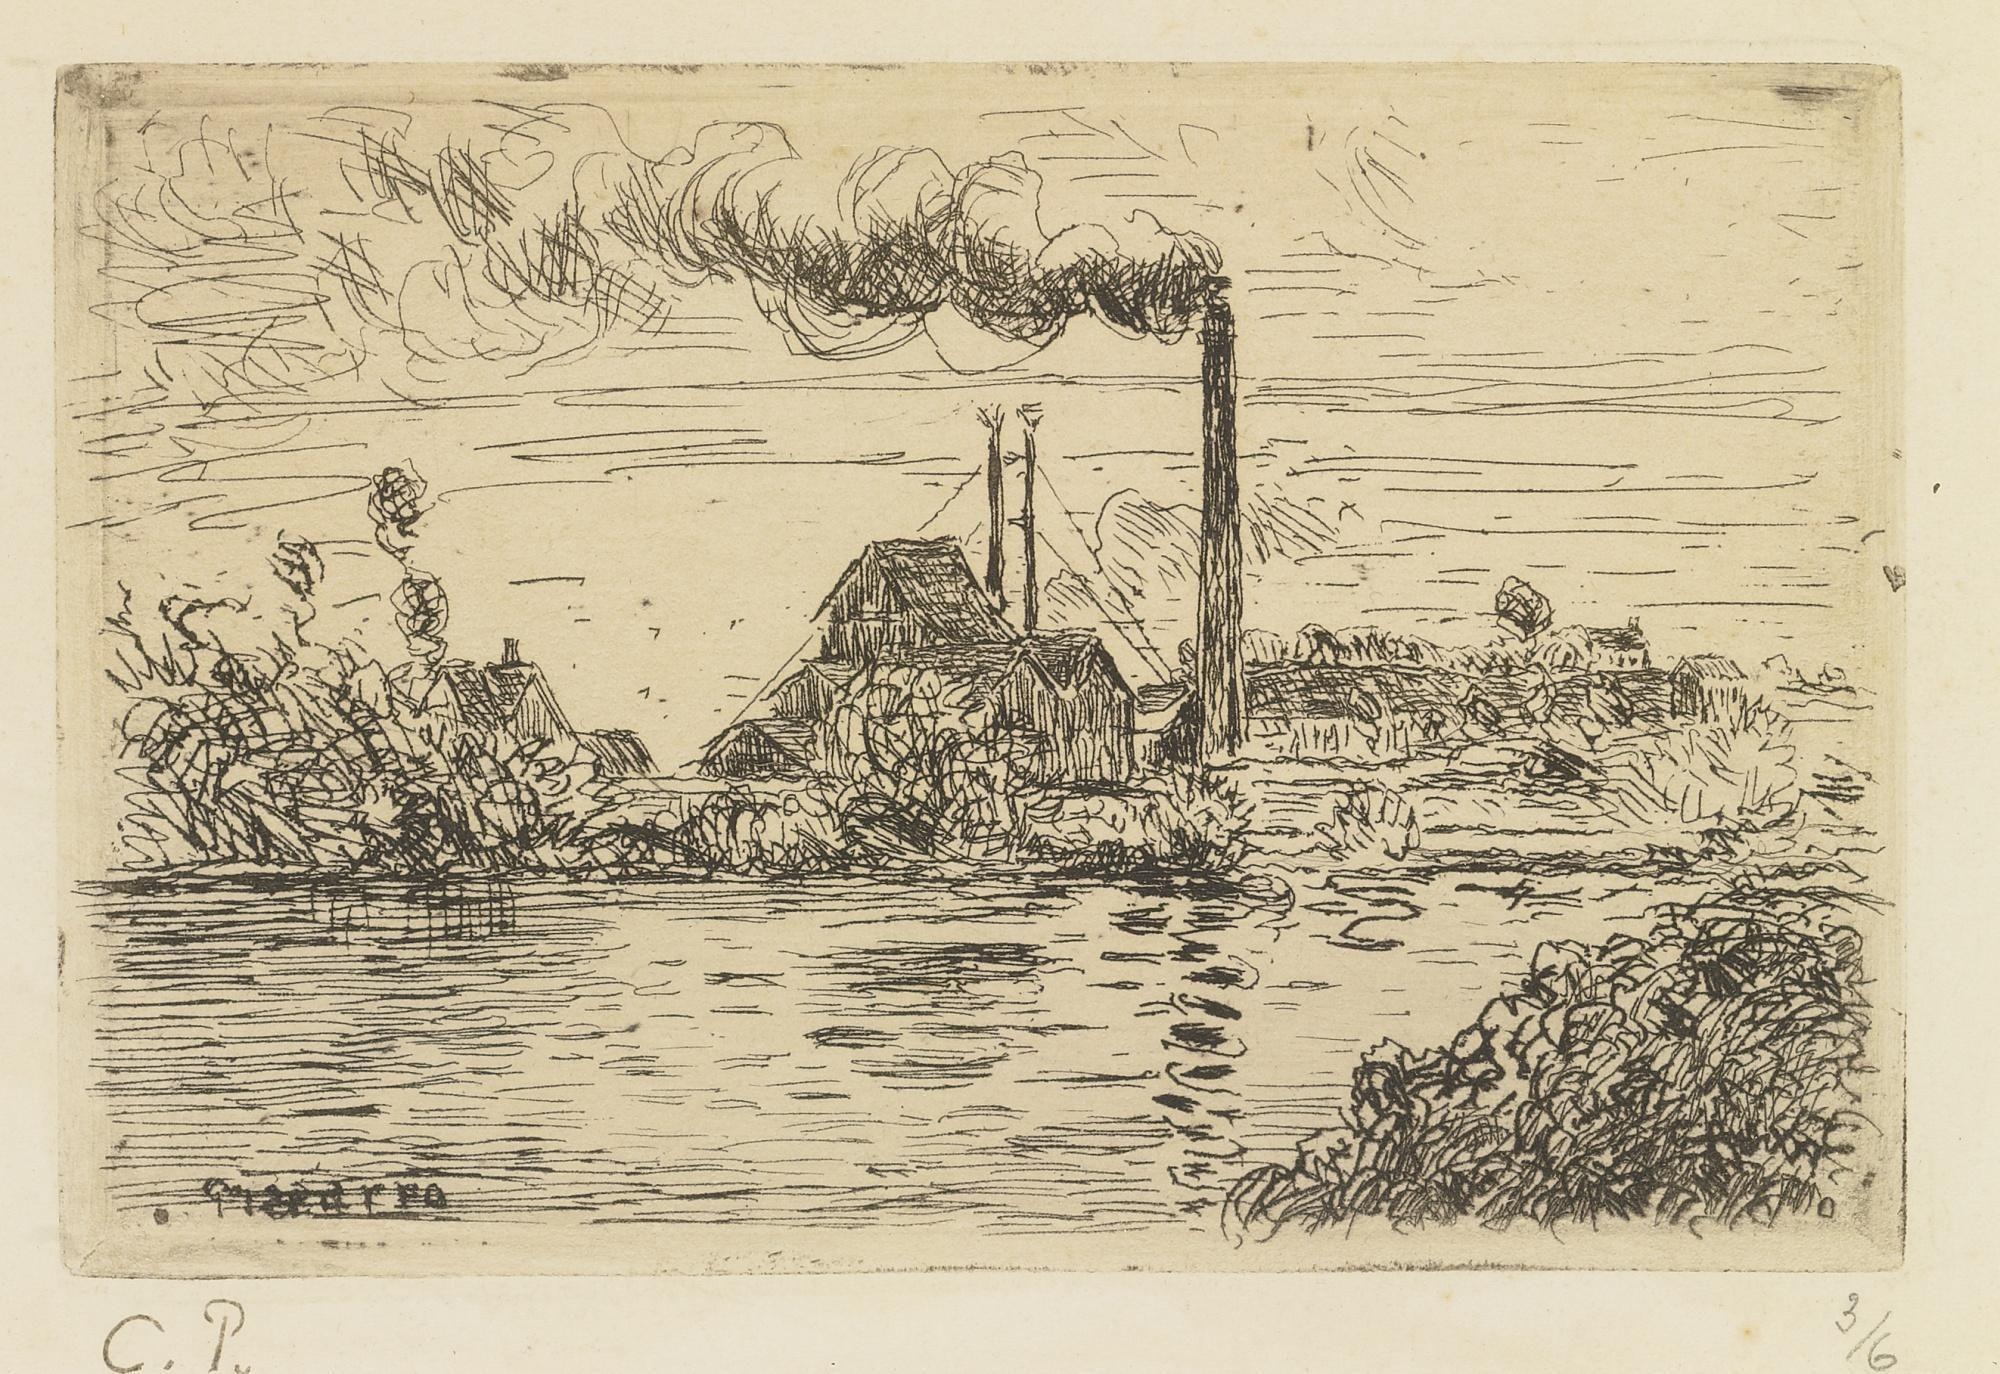 Camille Pissarro (1831-1903) Fabrique A Pontoise 1874 (136 by 210 mm)